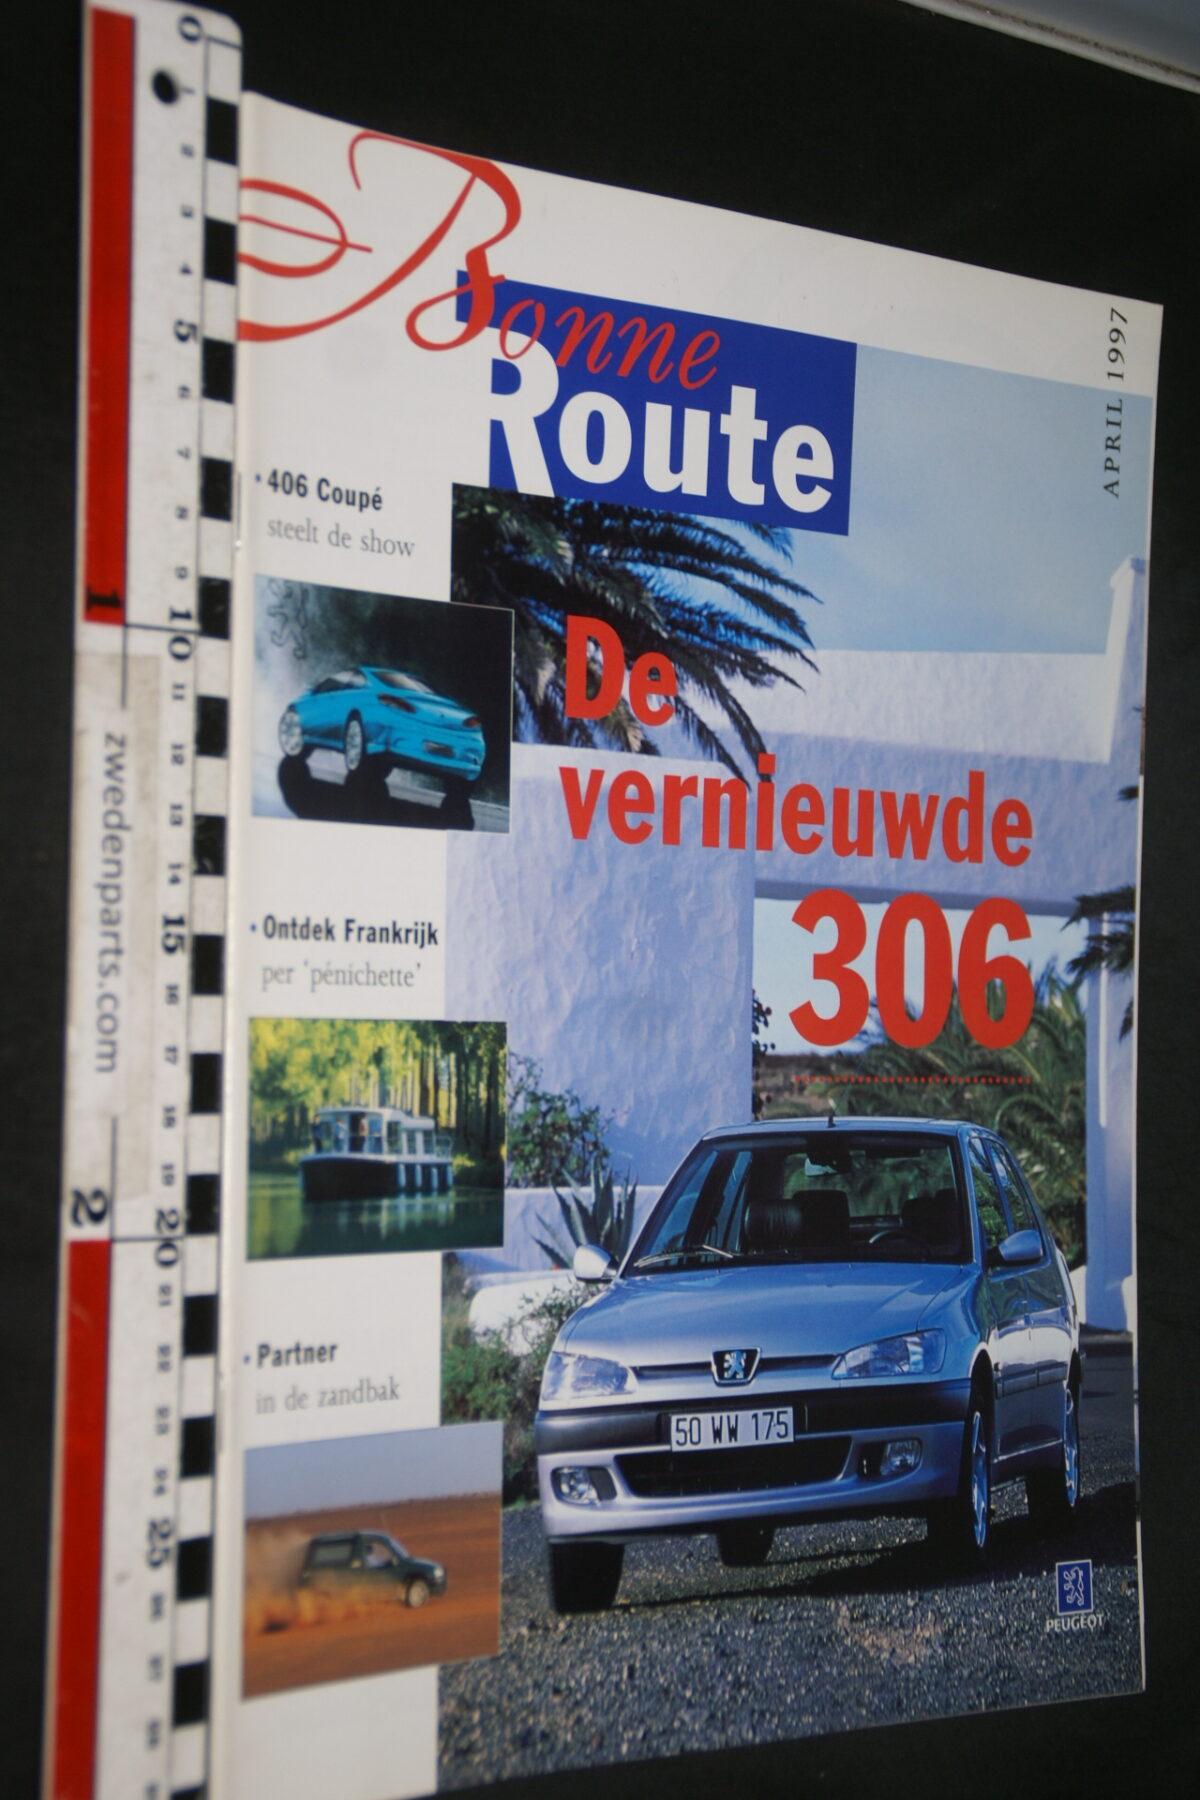 DSC08381 1997 origineel tijdschrift Bonne Route met Renault 306-ffbcd8e2